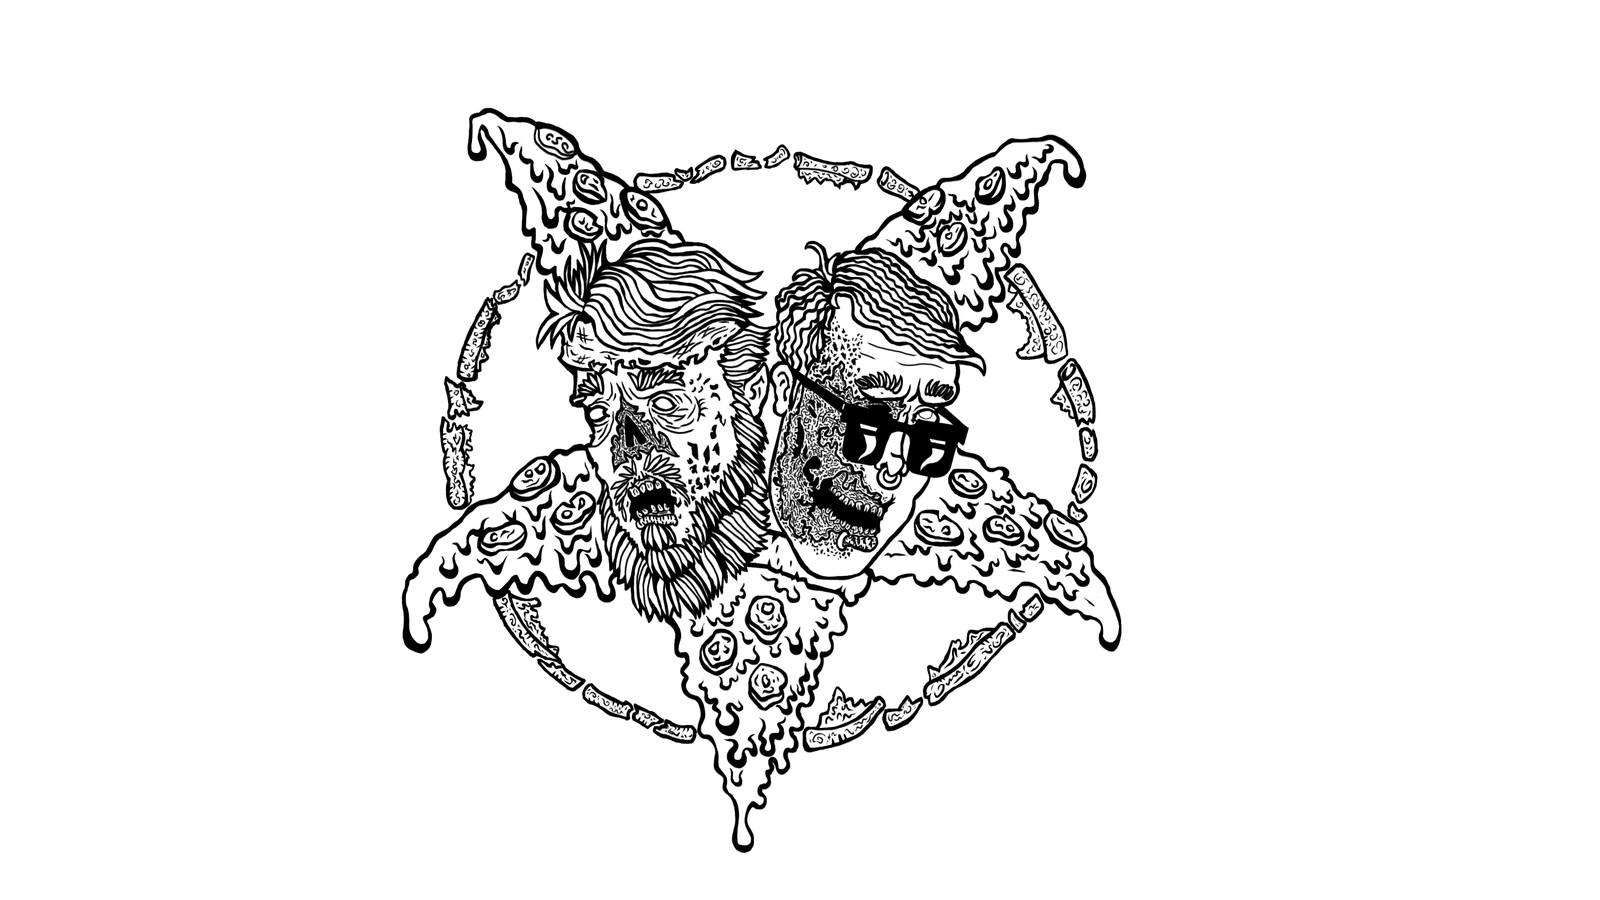 Satanist pizza - TDRS